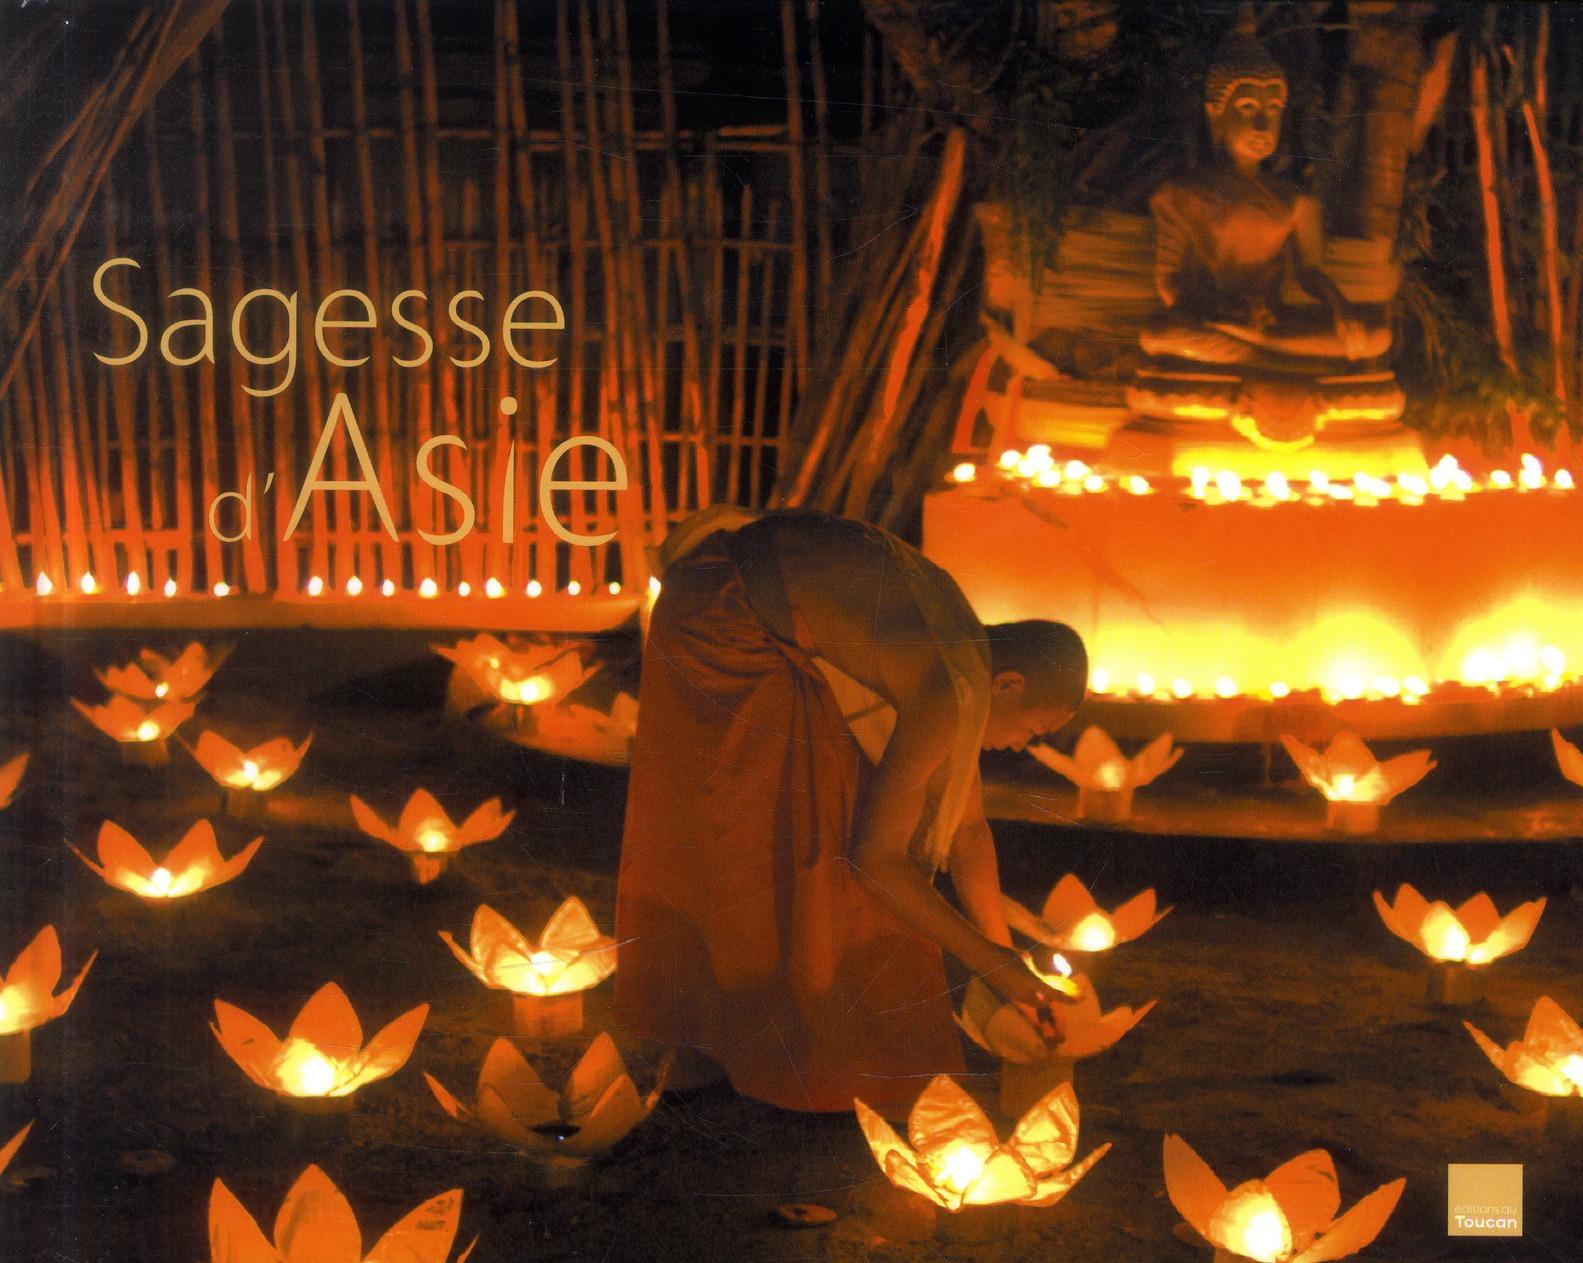 SAGESSE D'ASIE